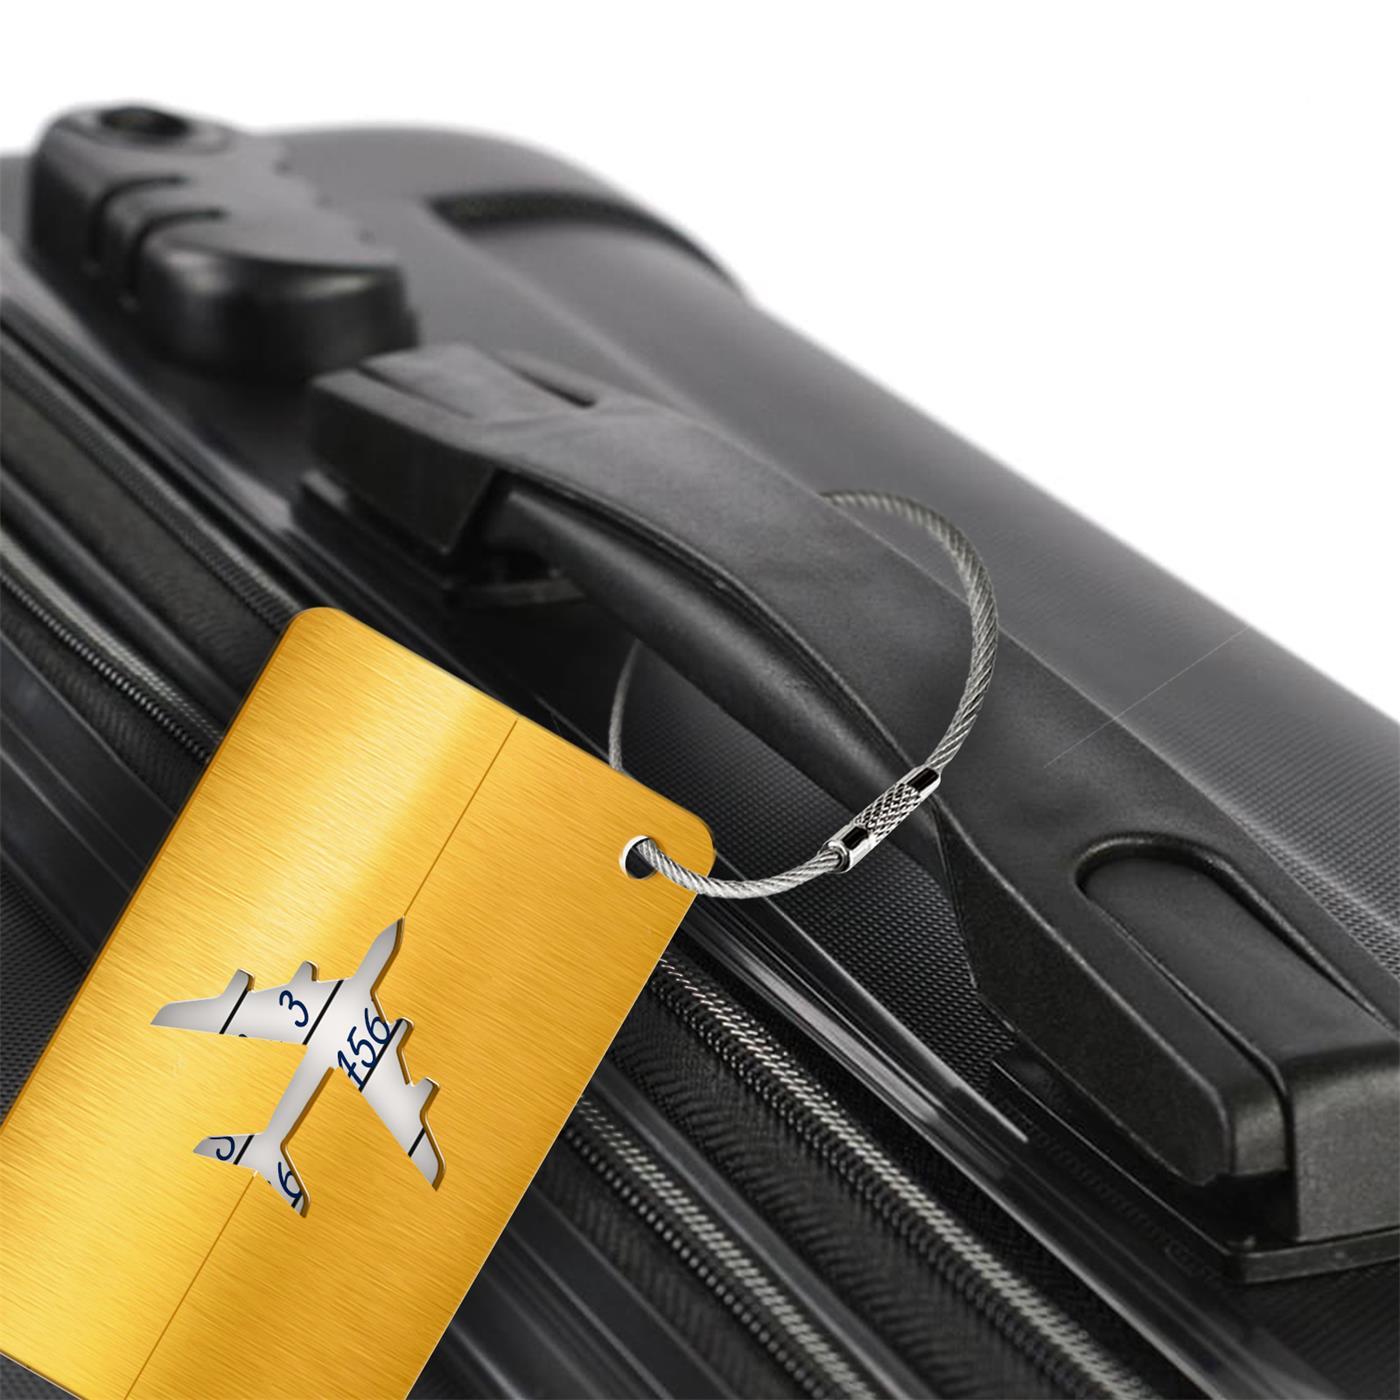 Reise-Kofferanhaenger-Namensschild-Gepaeck-Anhaenger-Schild-Urlaub-Flugzeug-Trolley Indexbild 15